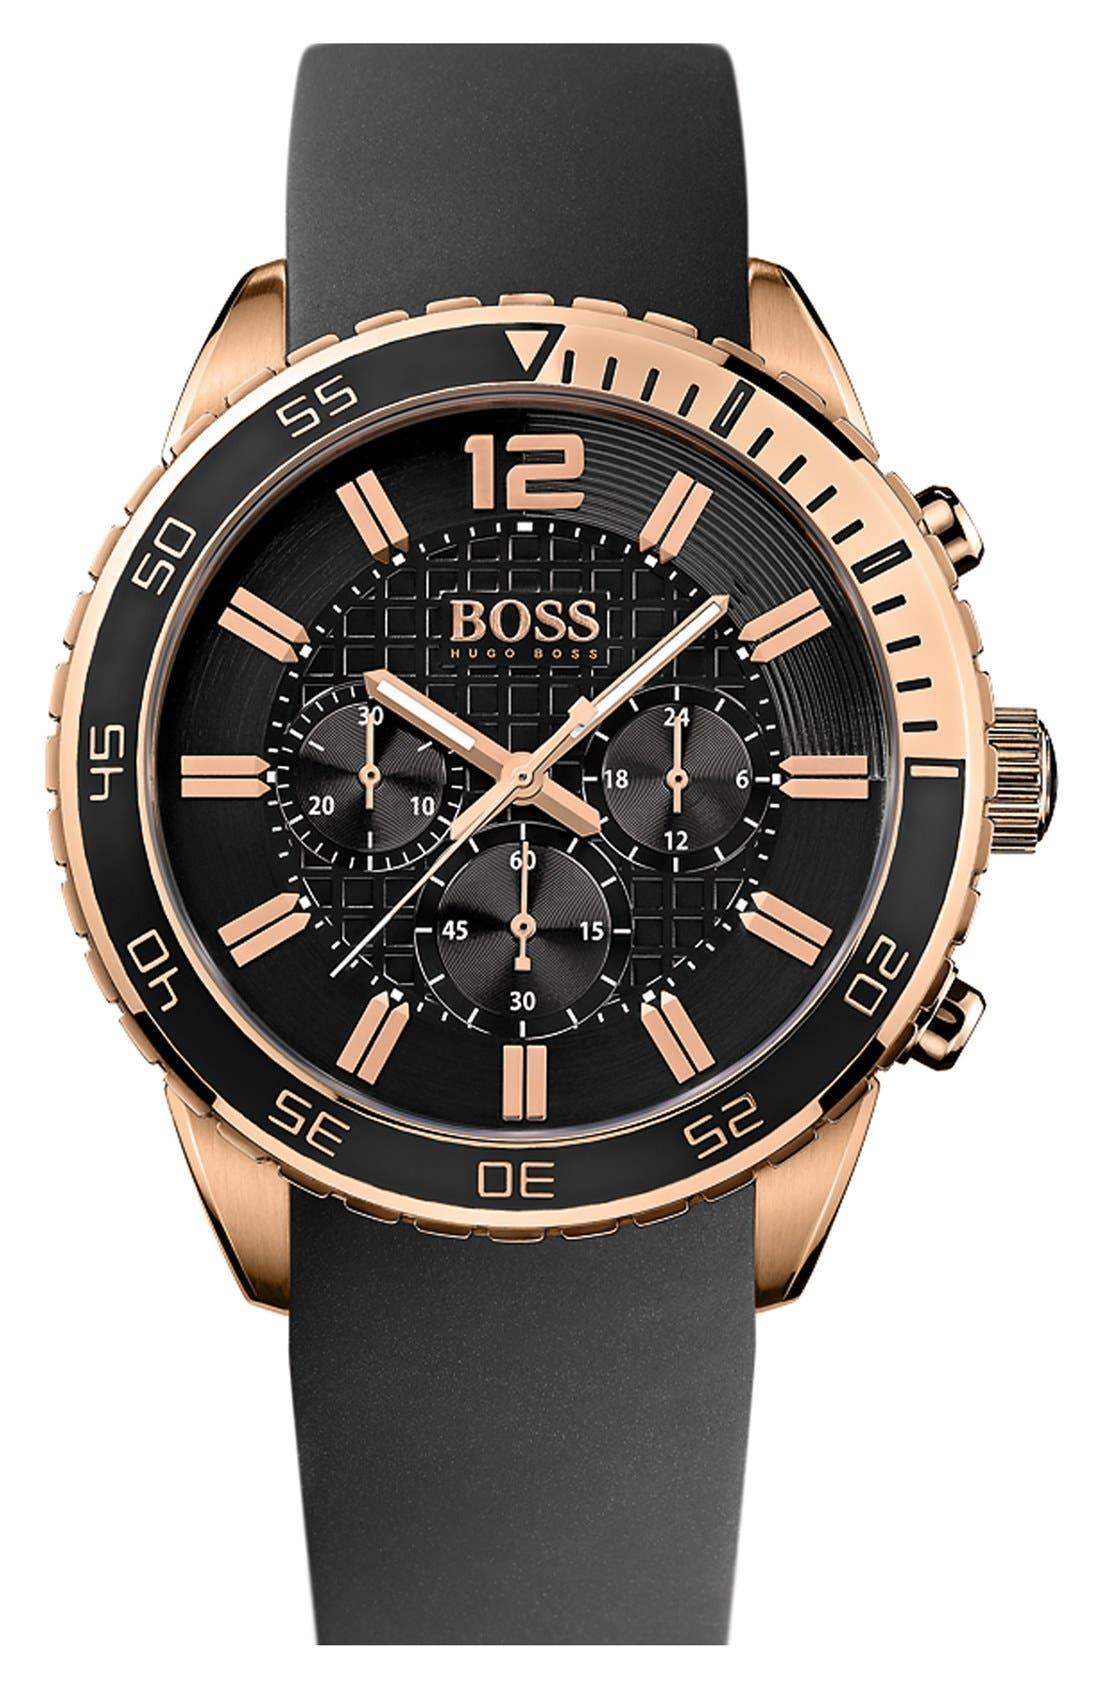 Main Image - BOSS HUGO BOSS 'Deep Blue SX' Chronograph Watch, 46mm